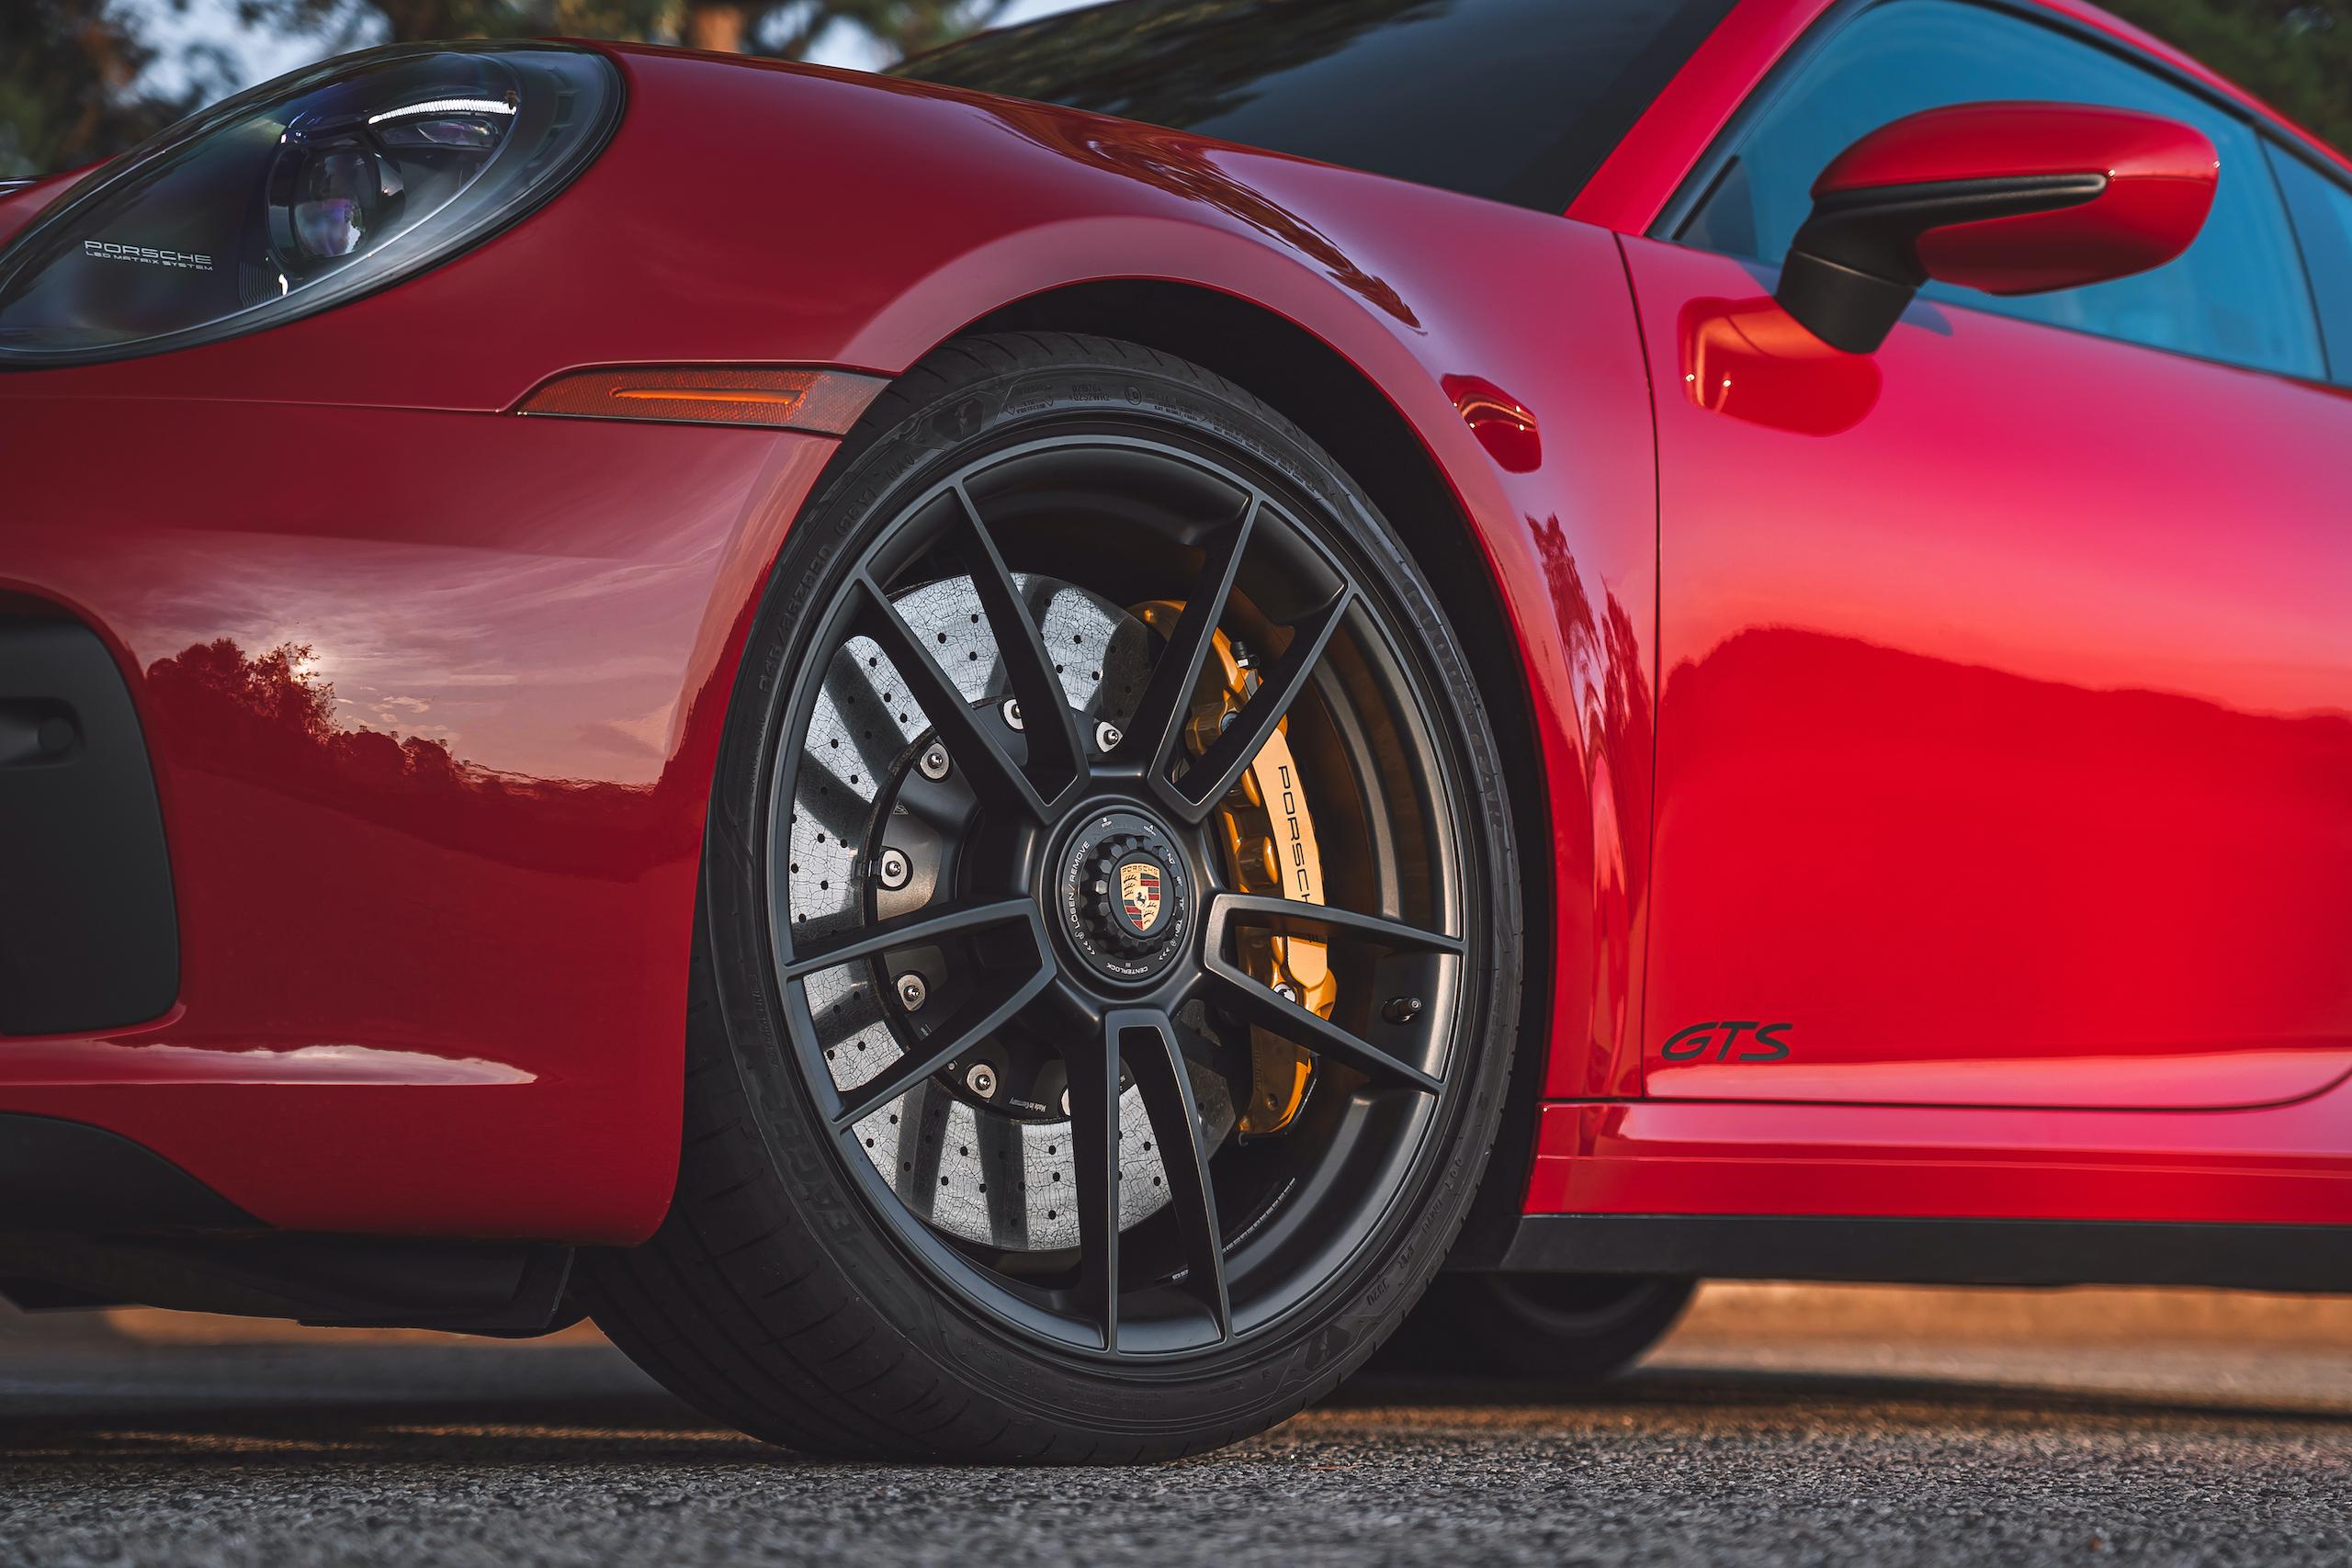 Porsche 911 GTS front wheel brake tire